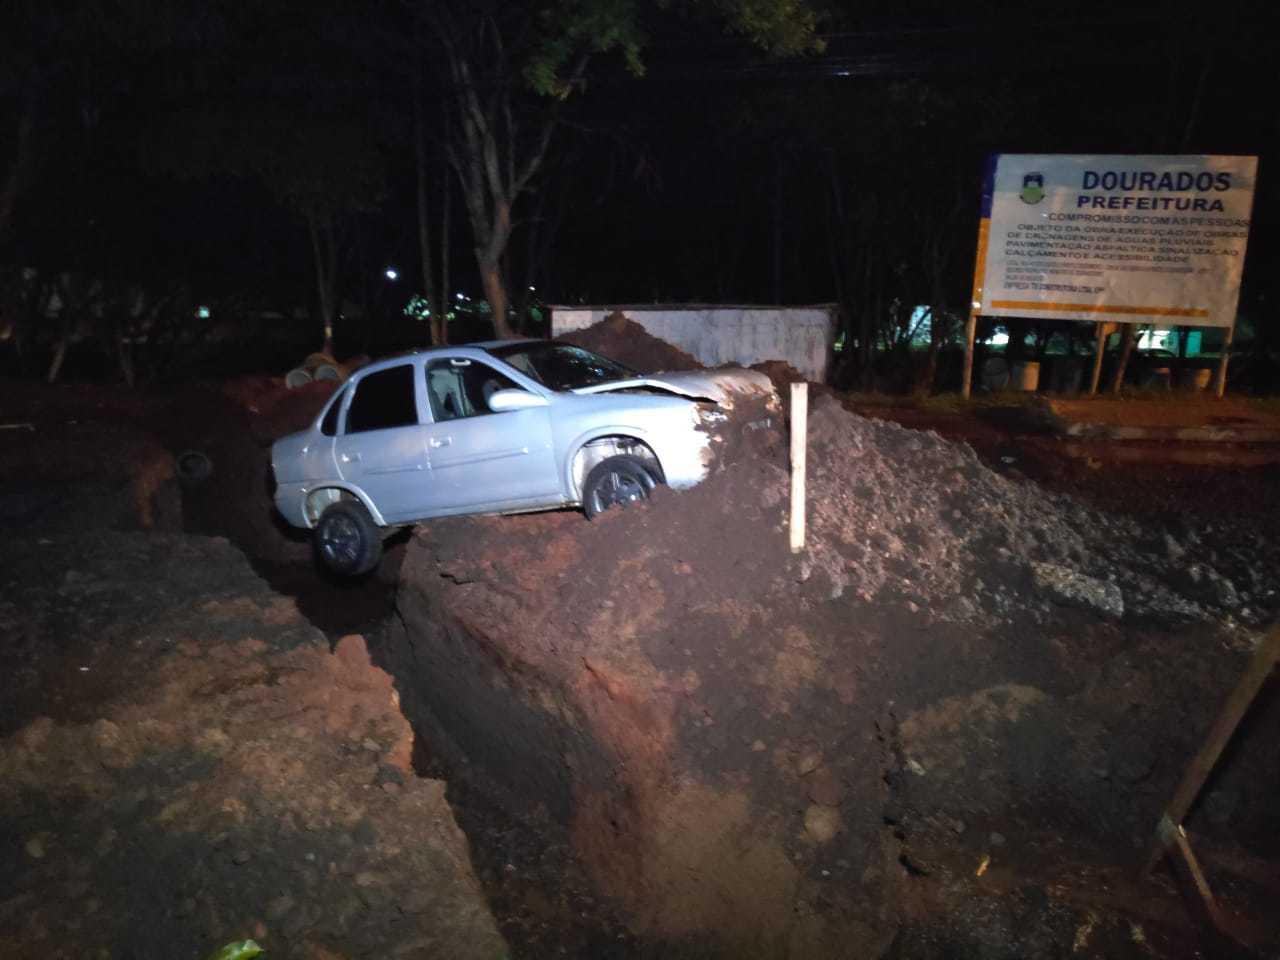 """O veículo """"voou"""" por cima do buraco e parou do outro lado da obra com as duas rodas traseiras suspensas no ar. (Foto: Adilson Domingos)"""